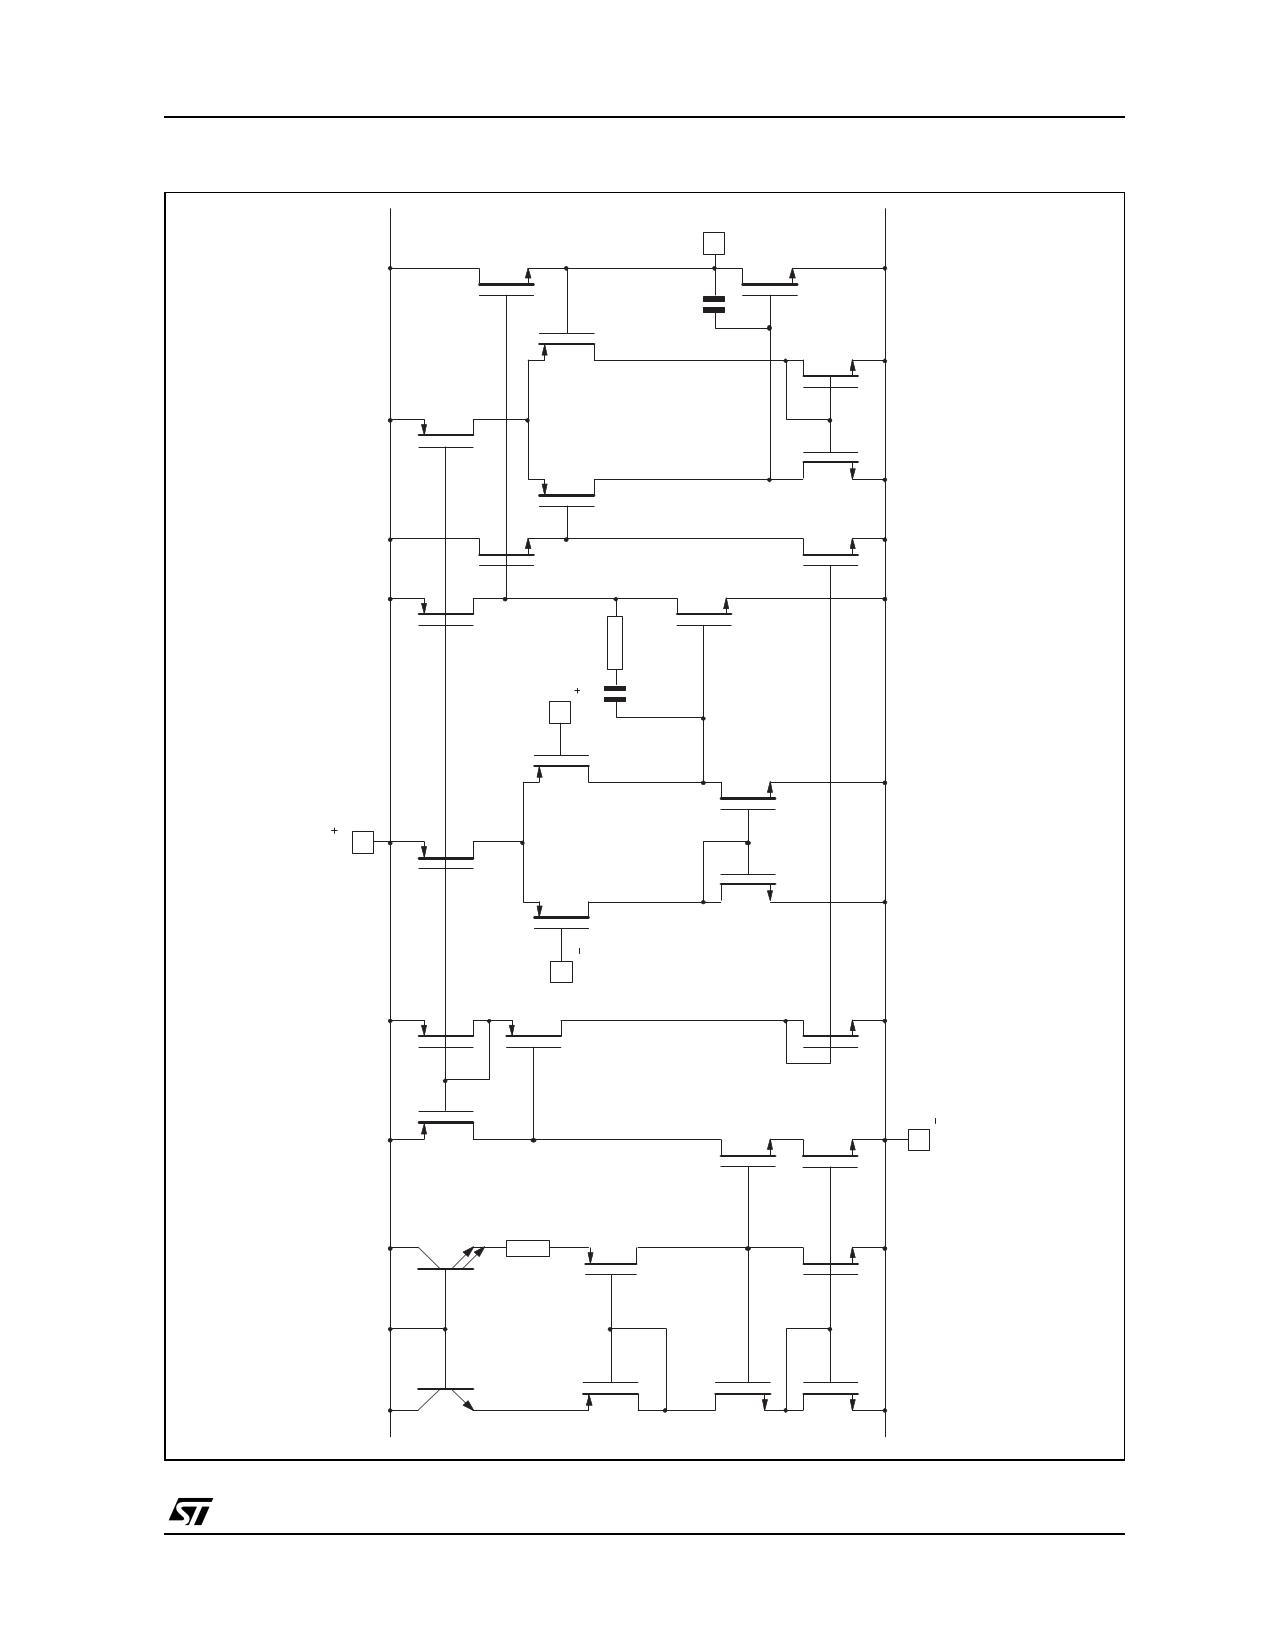 TS271MBM pdf, ピン配列